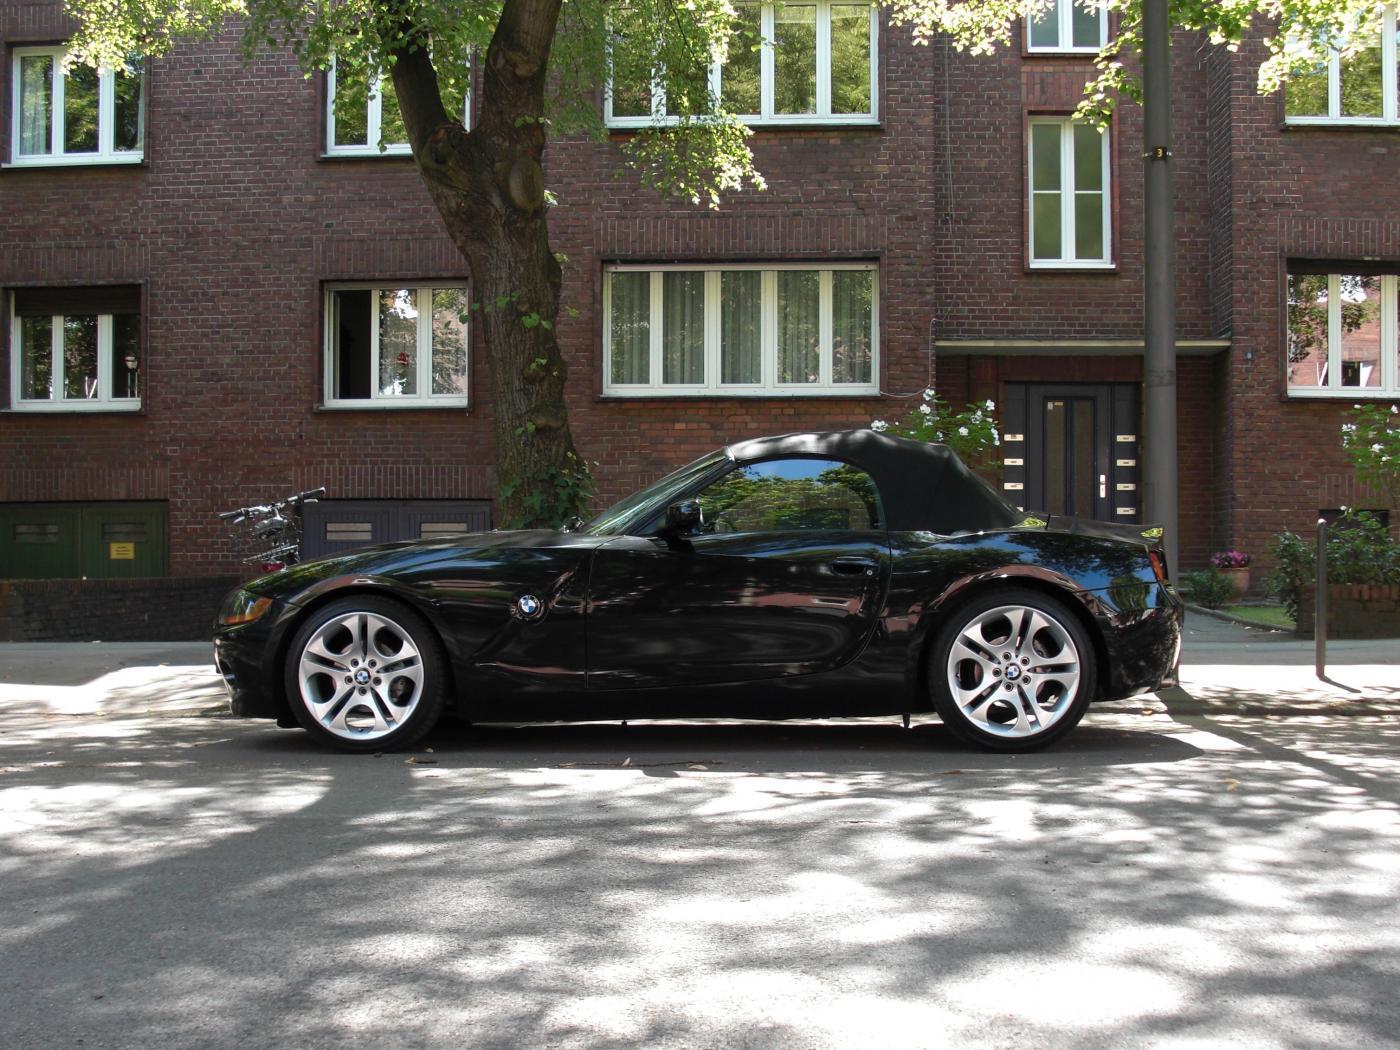 La Bmw Z4 E85 Un Roadster Presque Parfait Page 1 Z4 E85 Forumbmw Net